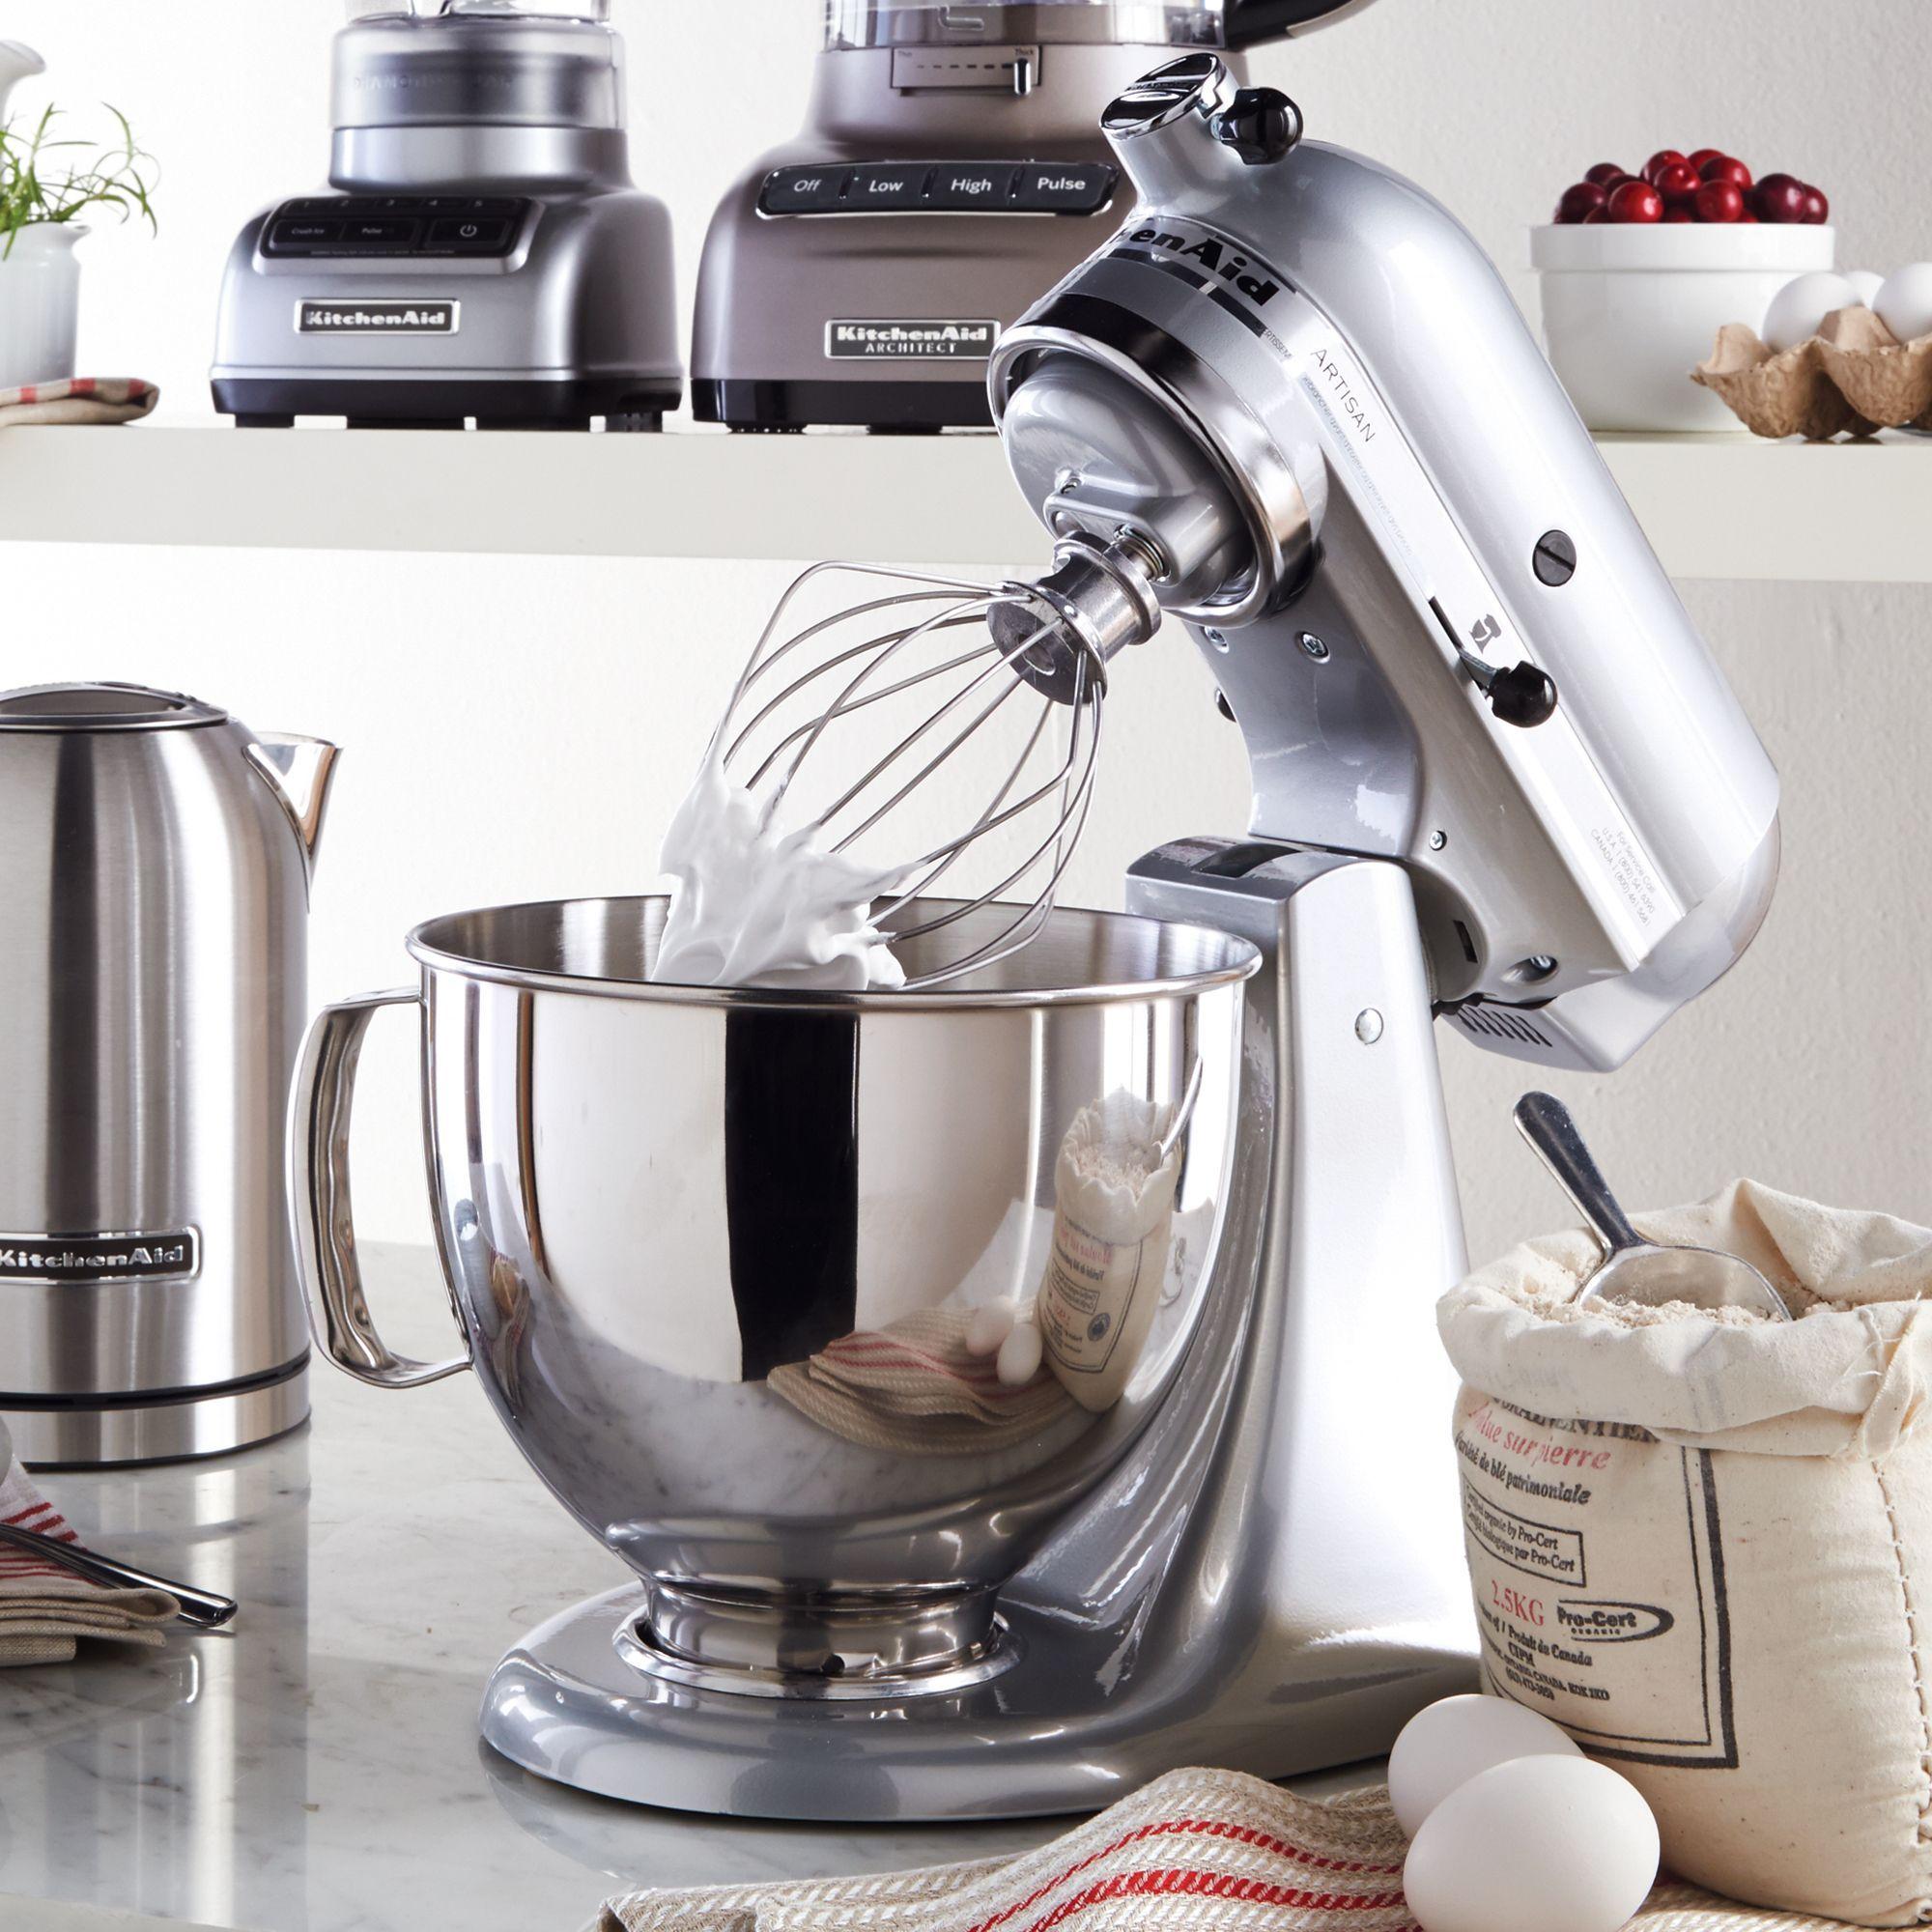 Best 25 kitchenaid artisan ideas on pinterest kitchen aid mixer kitchenaid mixer and - Kitchenaid artisan stand mixer parts ...